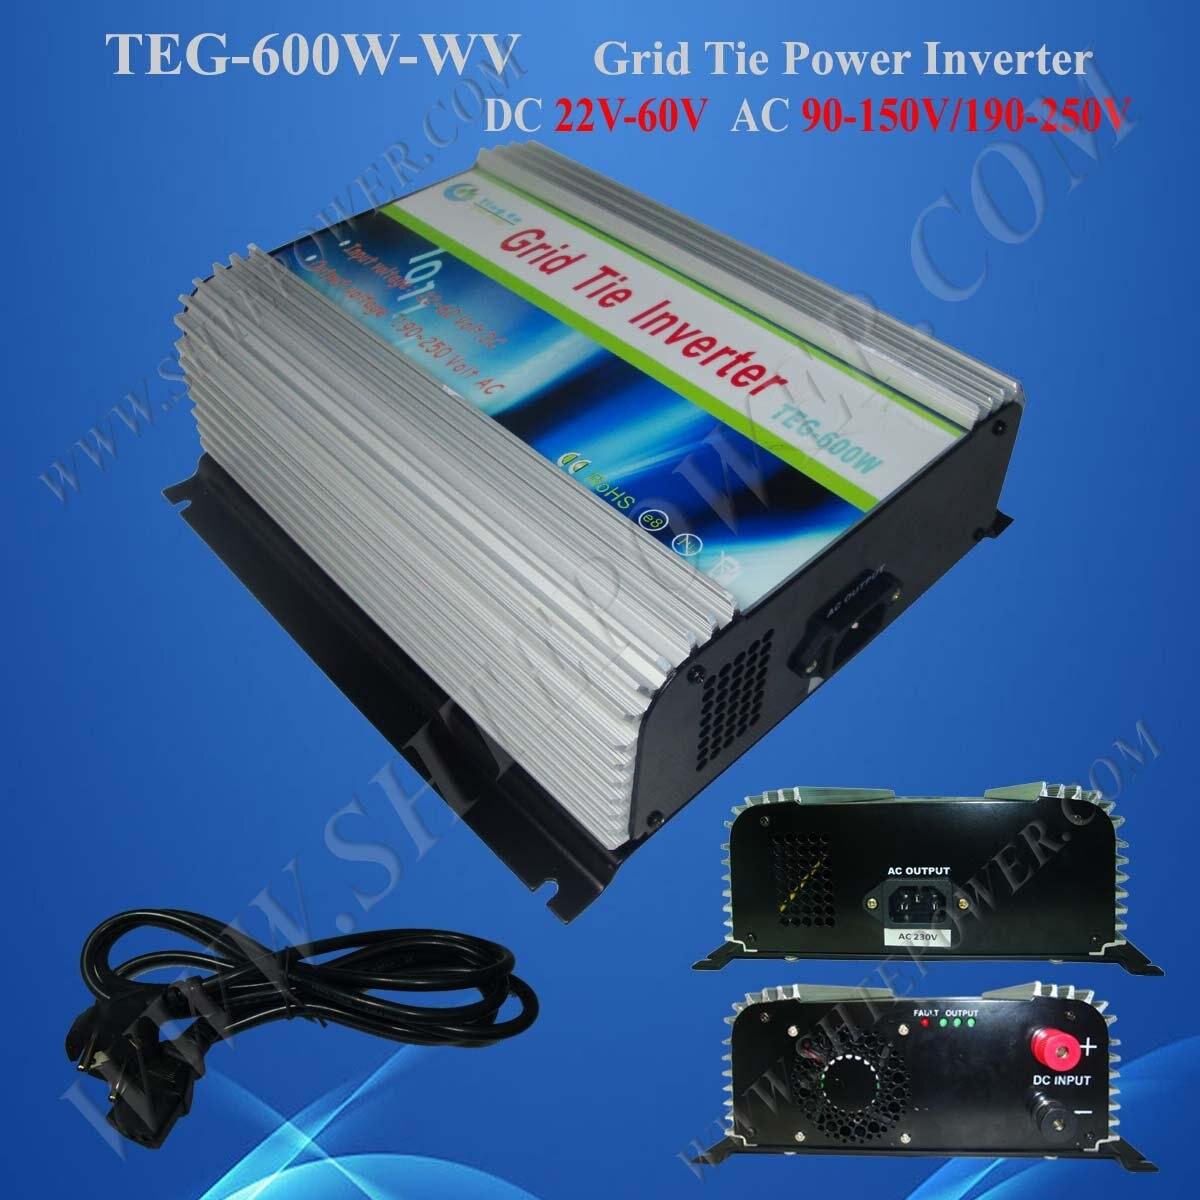 Grid Tie Solar Power Inverter 600W DC 22V-60V to AC 100V Solar Cell System